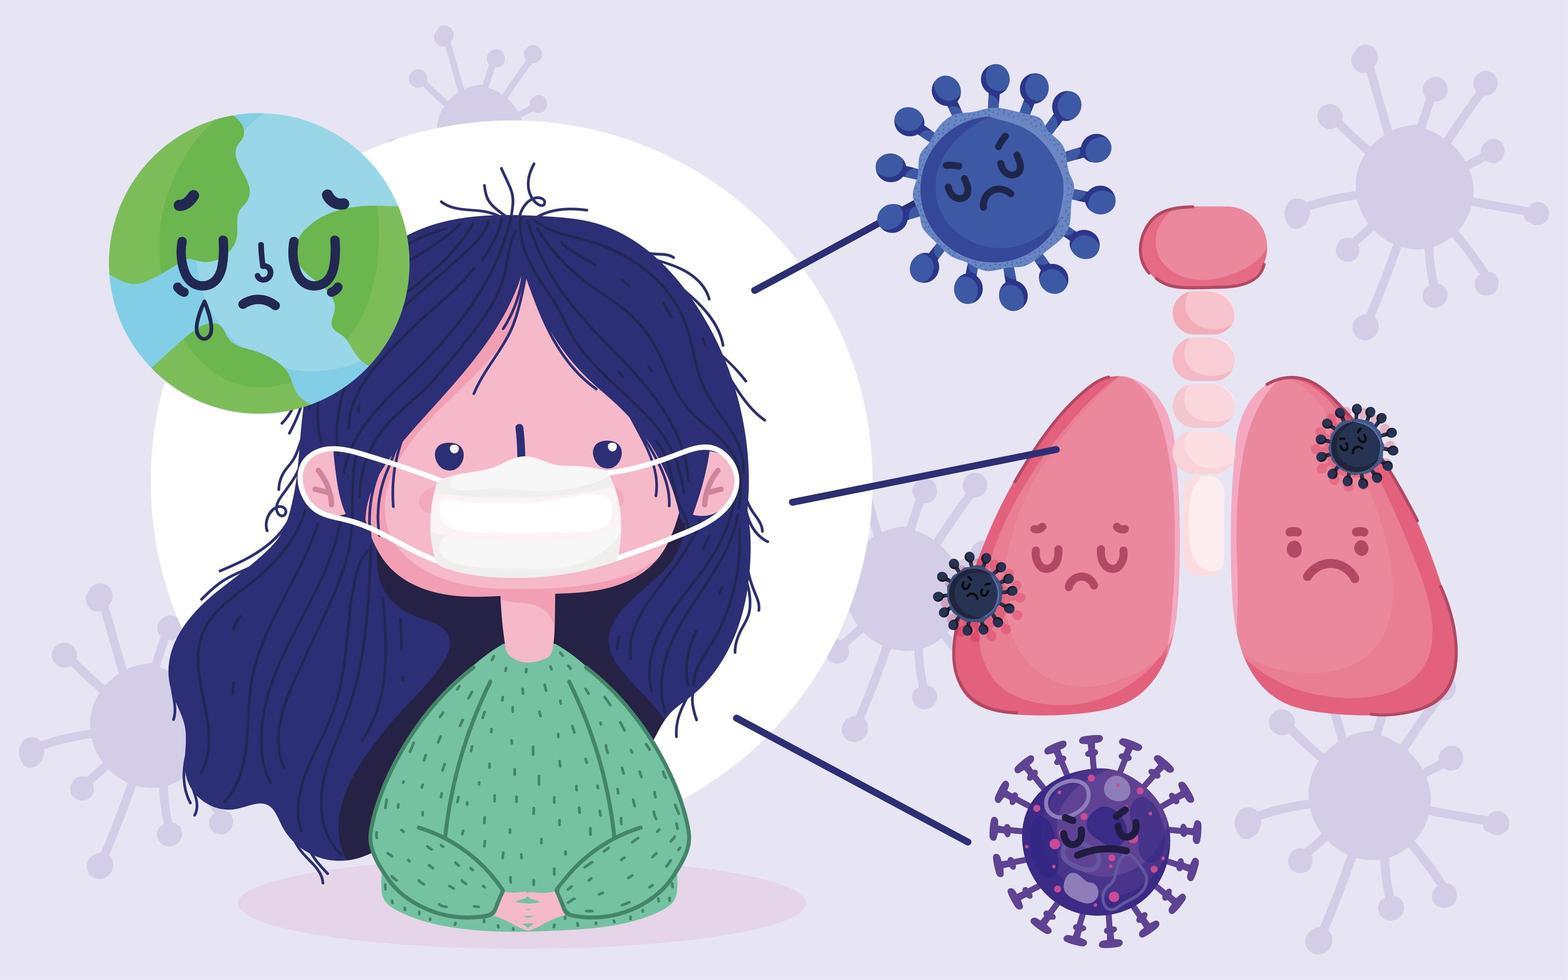 covid 19 diseño pandémico con niña con máscara protectora vector